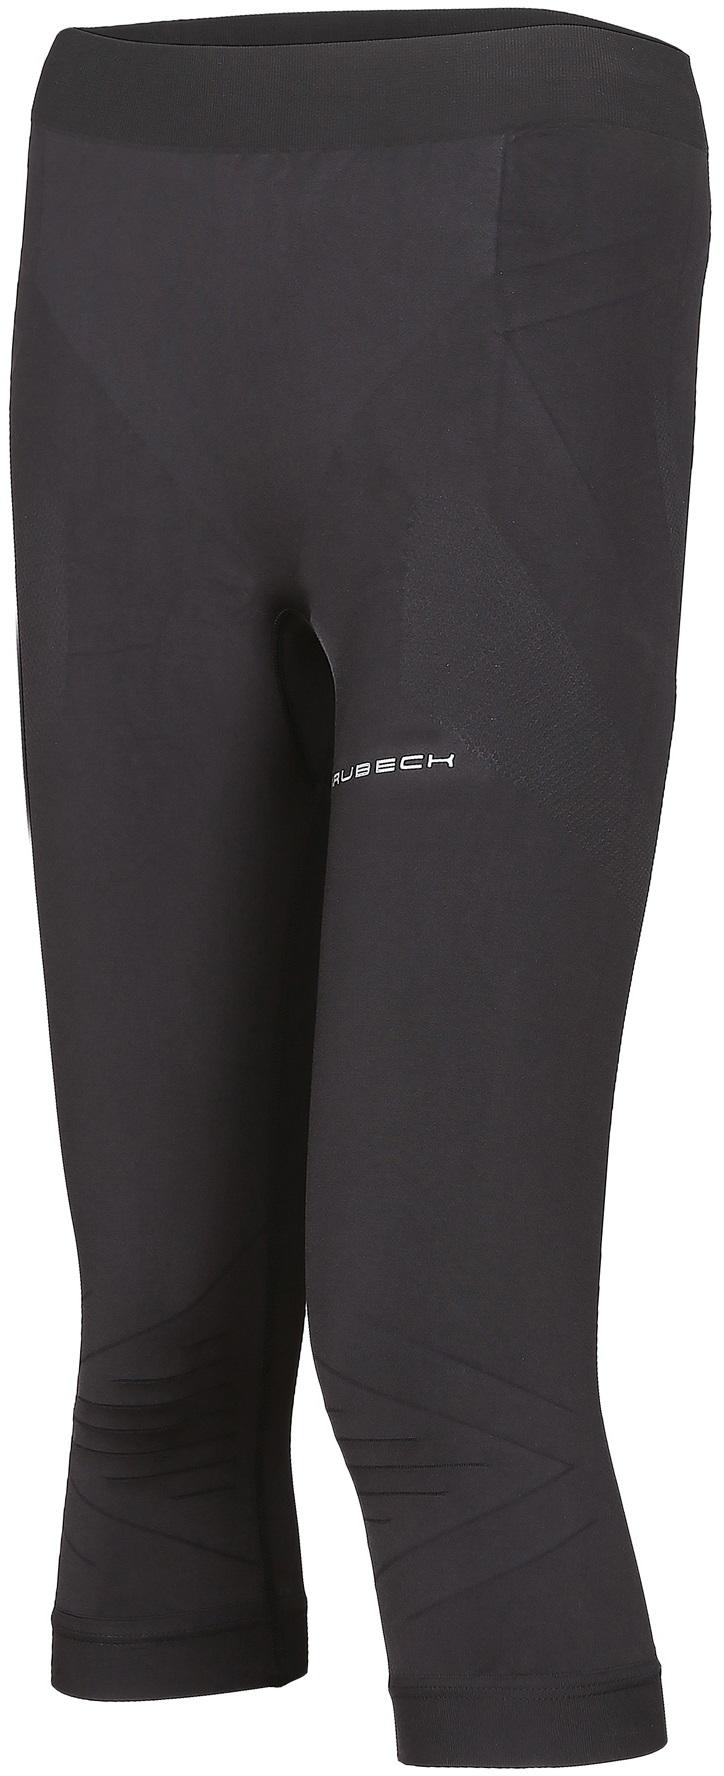 Купить SБрубек АТЛЕТИК WOMEN брюки термо 34 на Eurozakup - цены и фото - доставка из Польши и стран Европы в Украину.